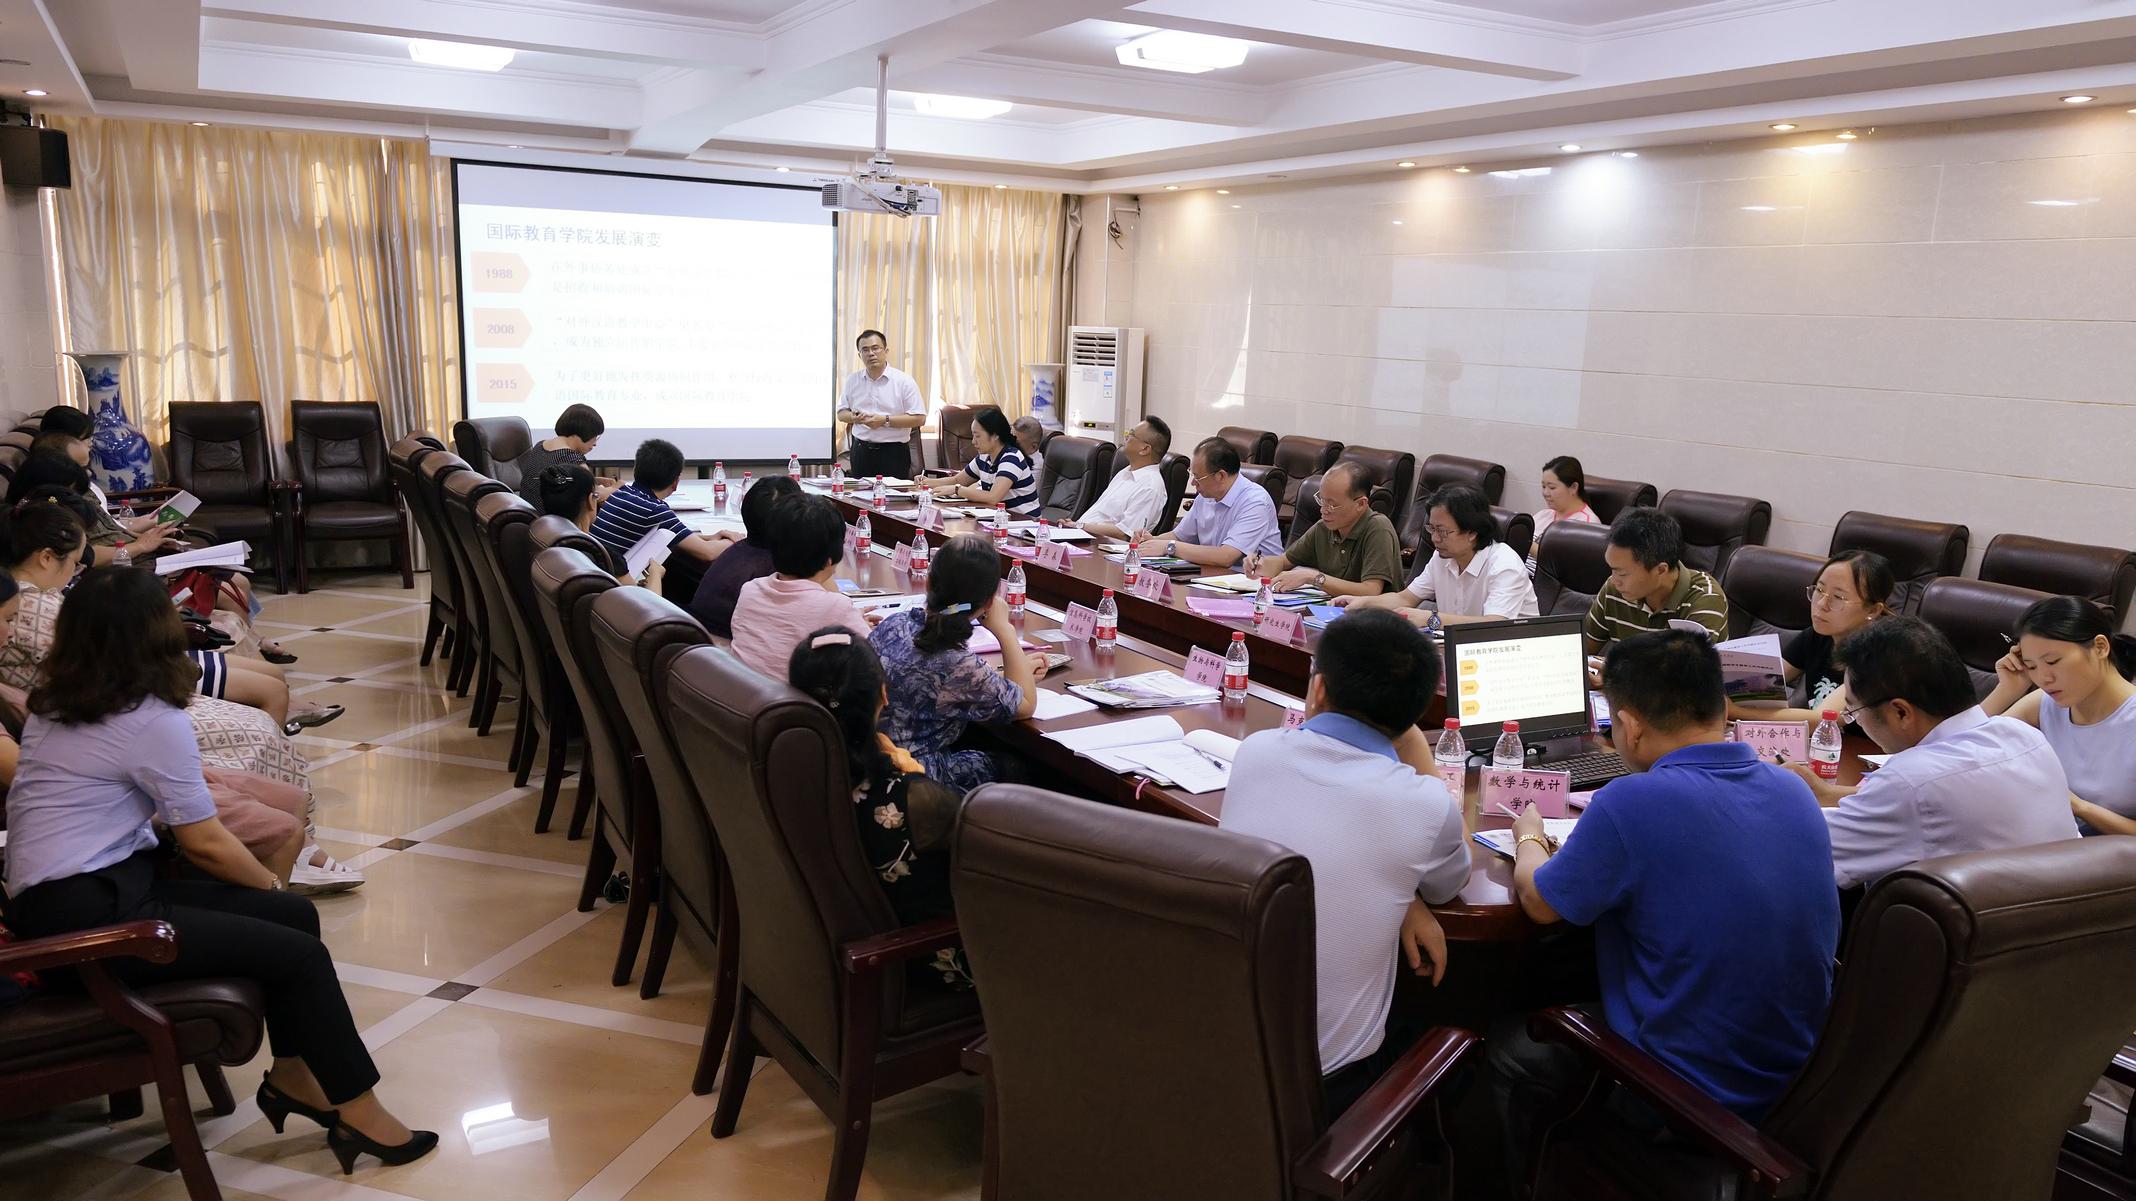 我校召开国际学生教育工作专题会议